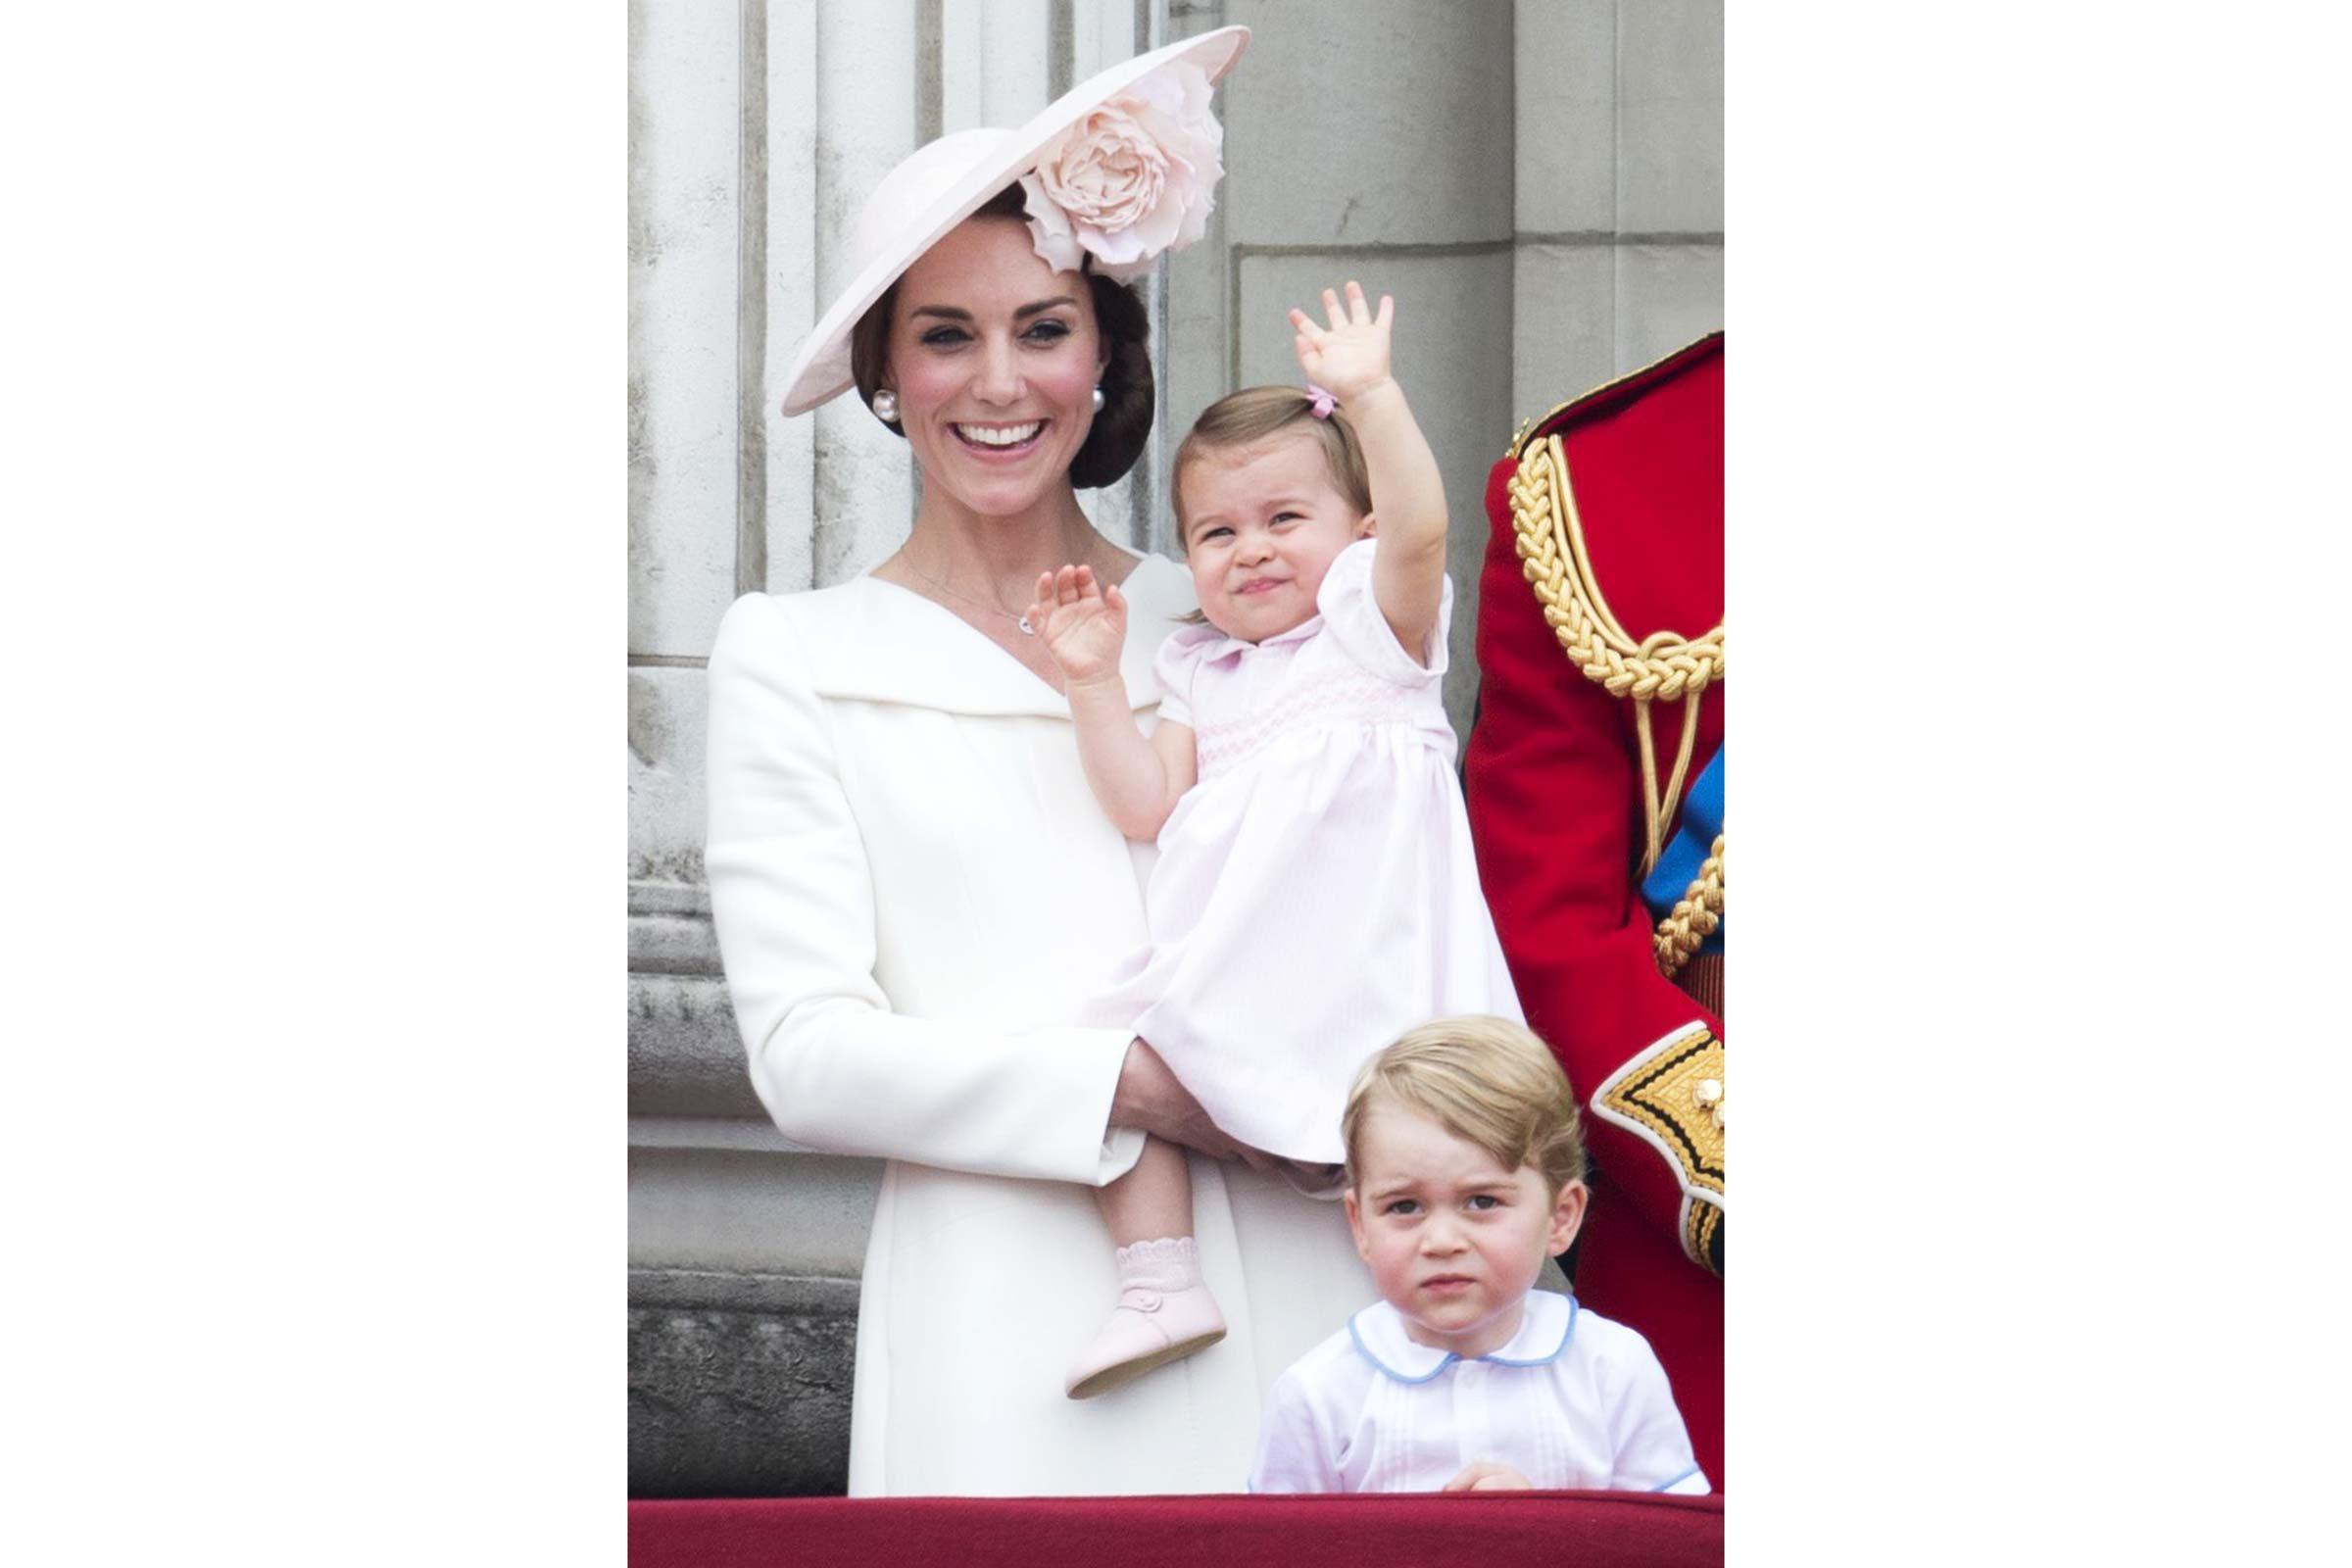 Dès son tout jeune âge, la Princesse Charlotte s'est prêtée aux présentations devant les photographes